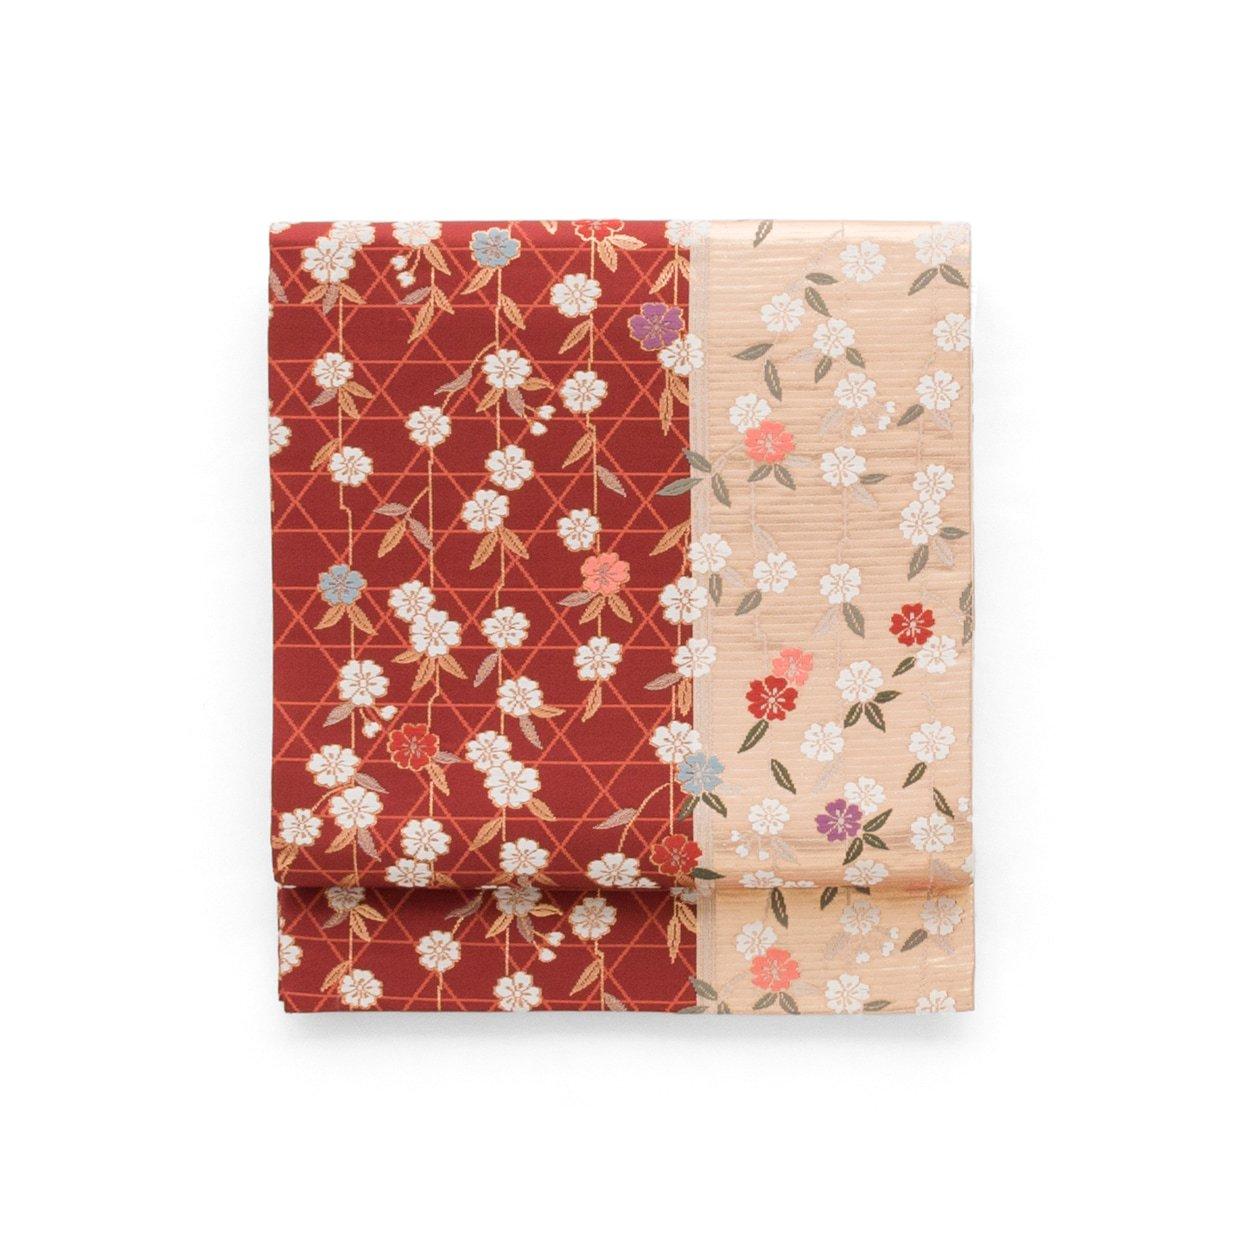 「籠目に枝垂れ桜」の商品画像